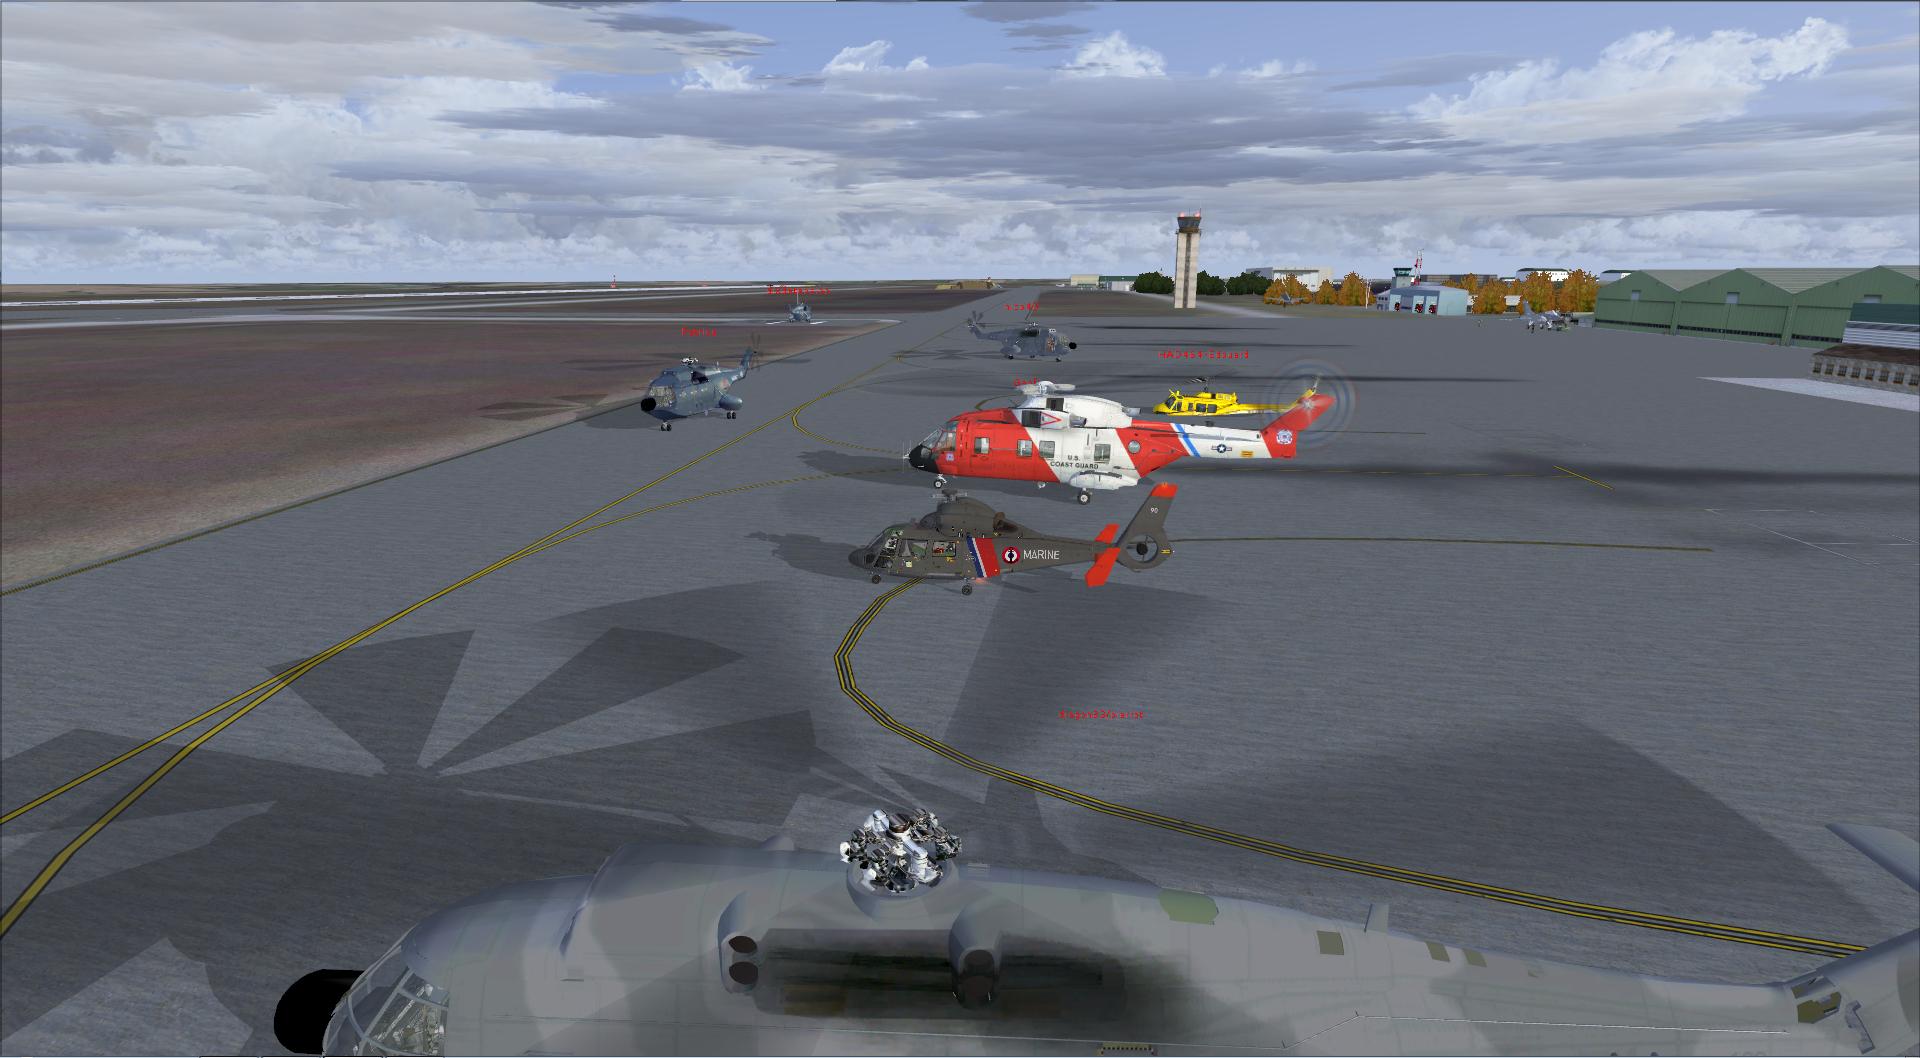 mission sauvetage proposé par Charko 159714201418203411591